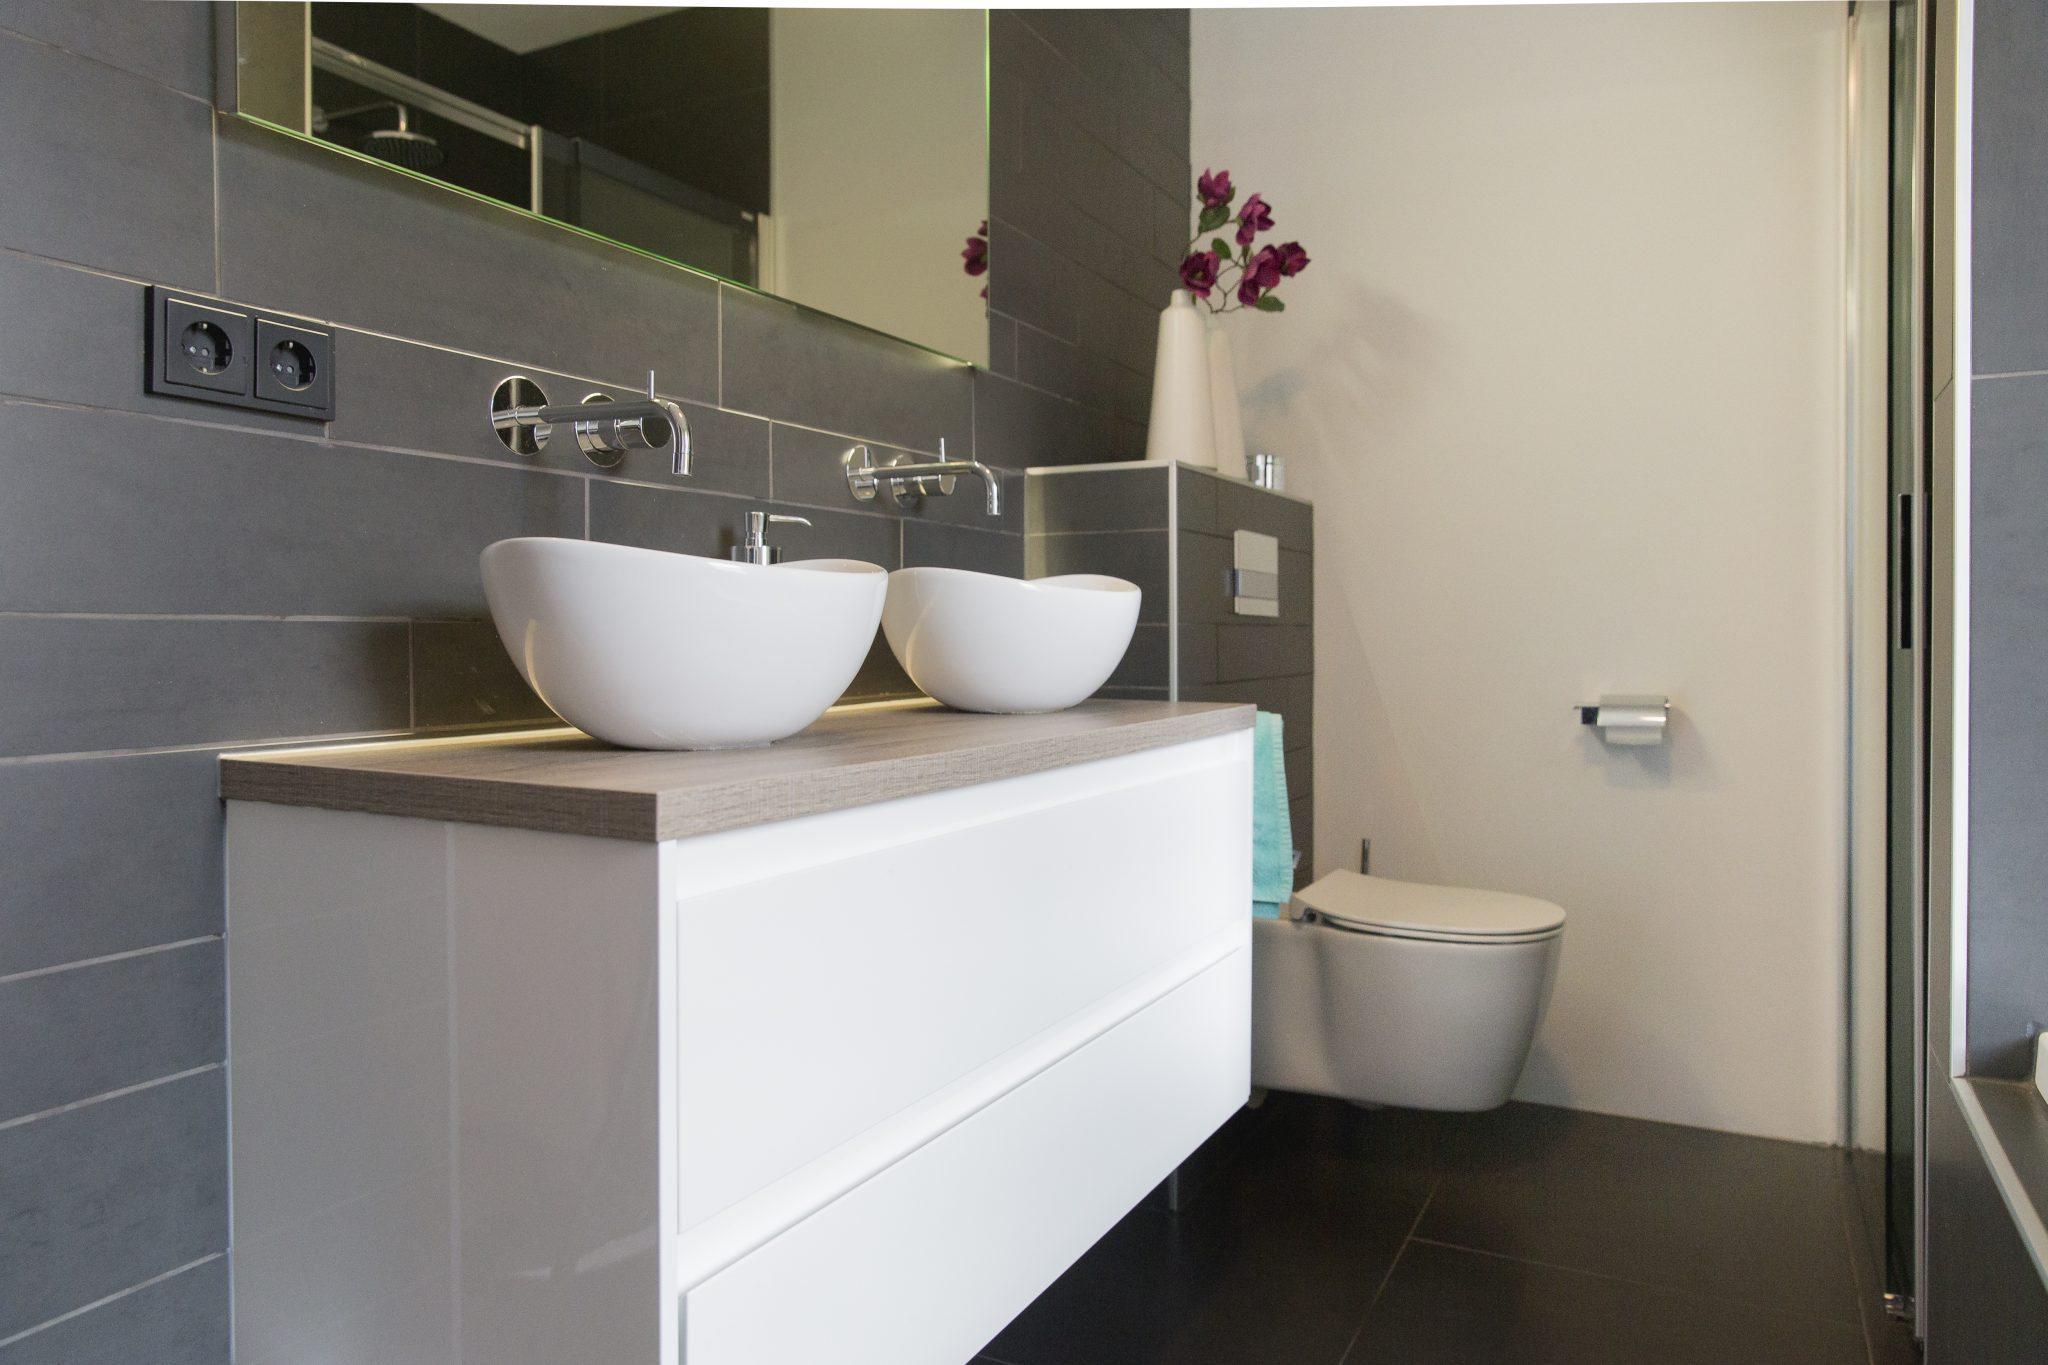 Badkamer Decoratie Ikea ~ Inspiratiepakket aanvragen Ontwerp van een professional